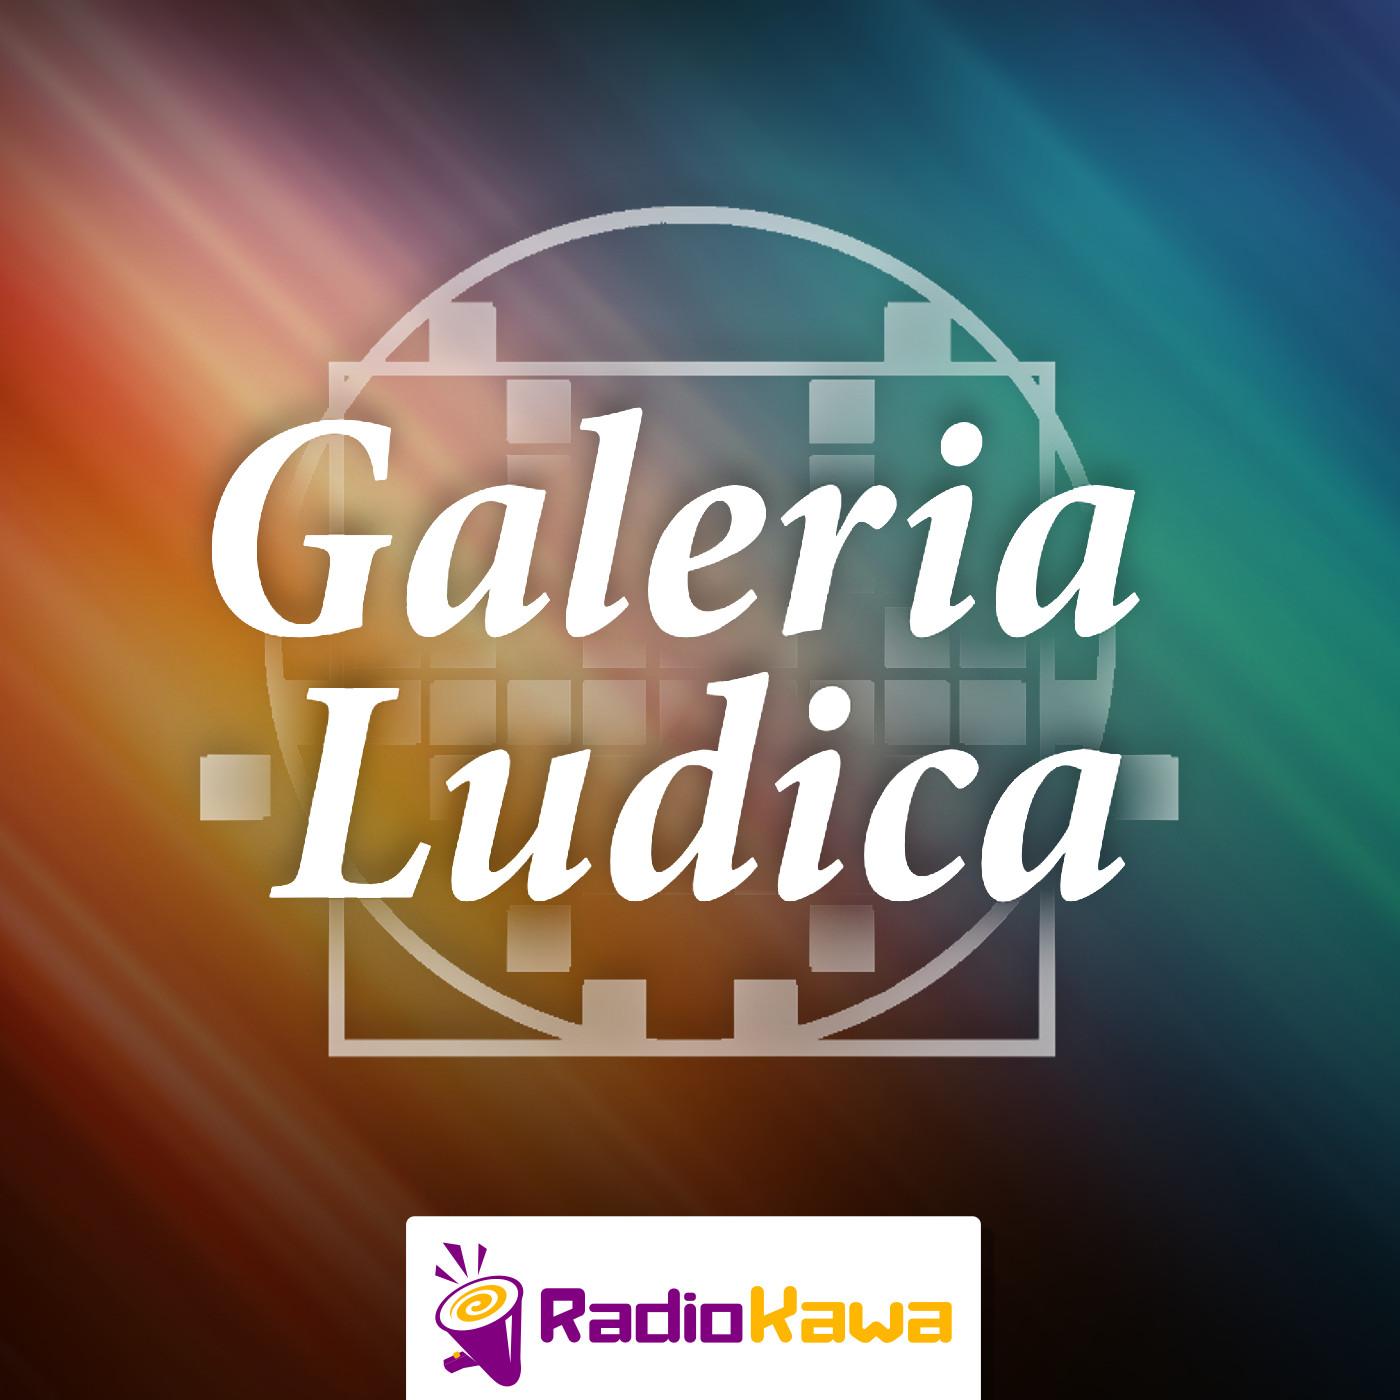 Galeria Ludica